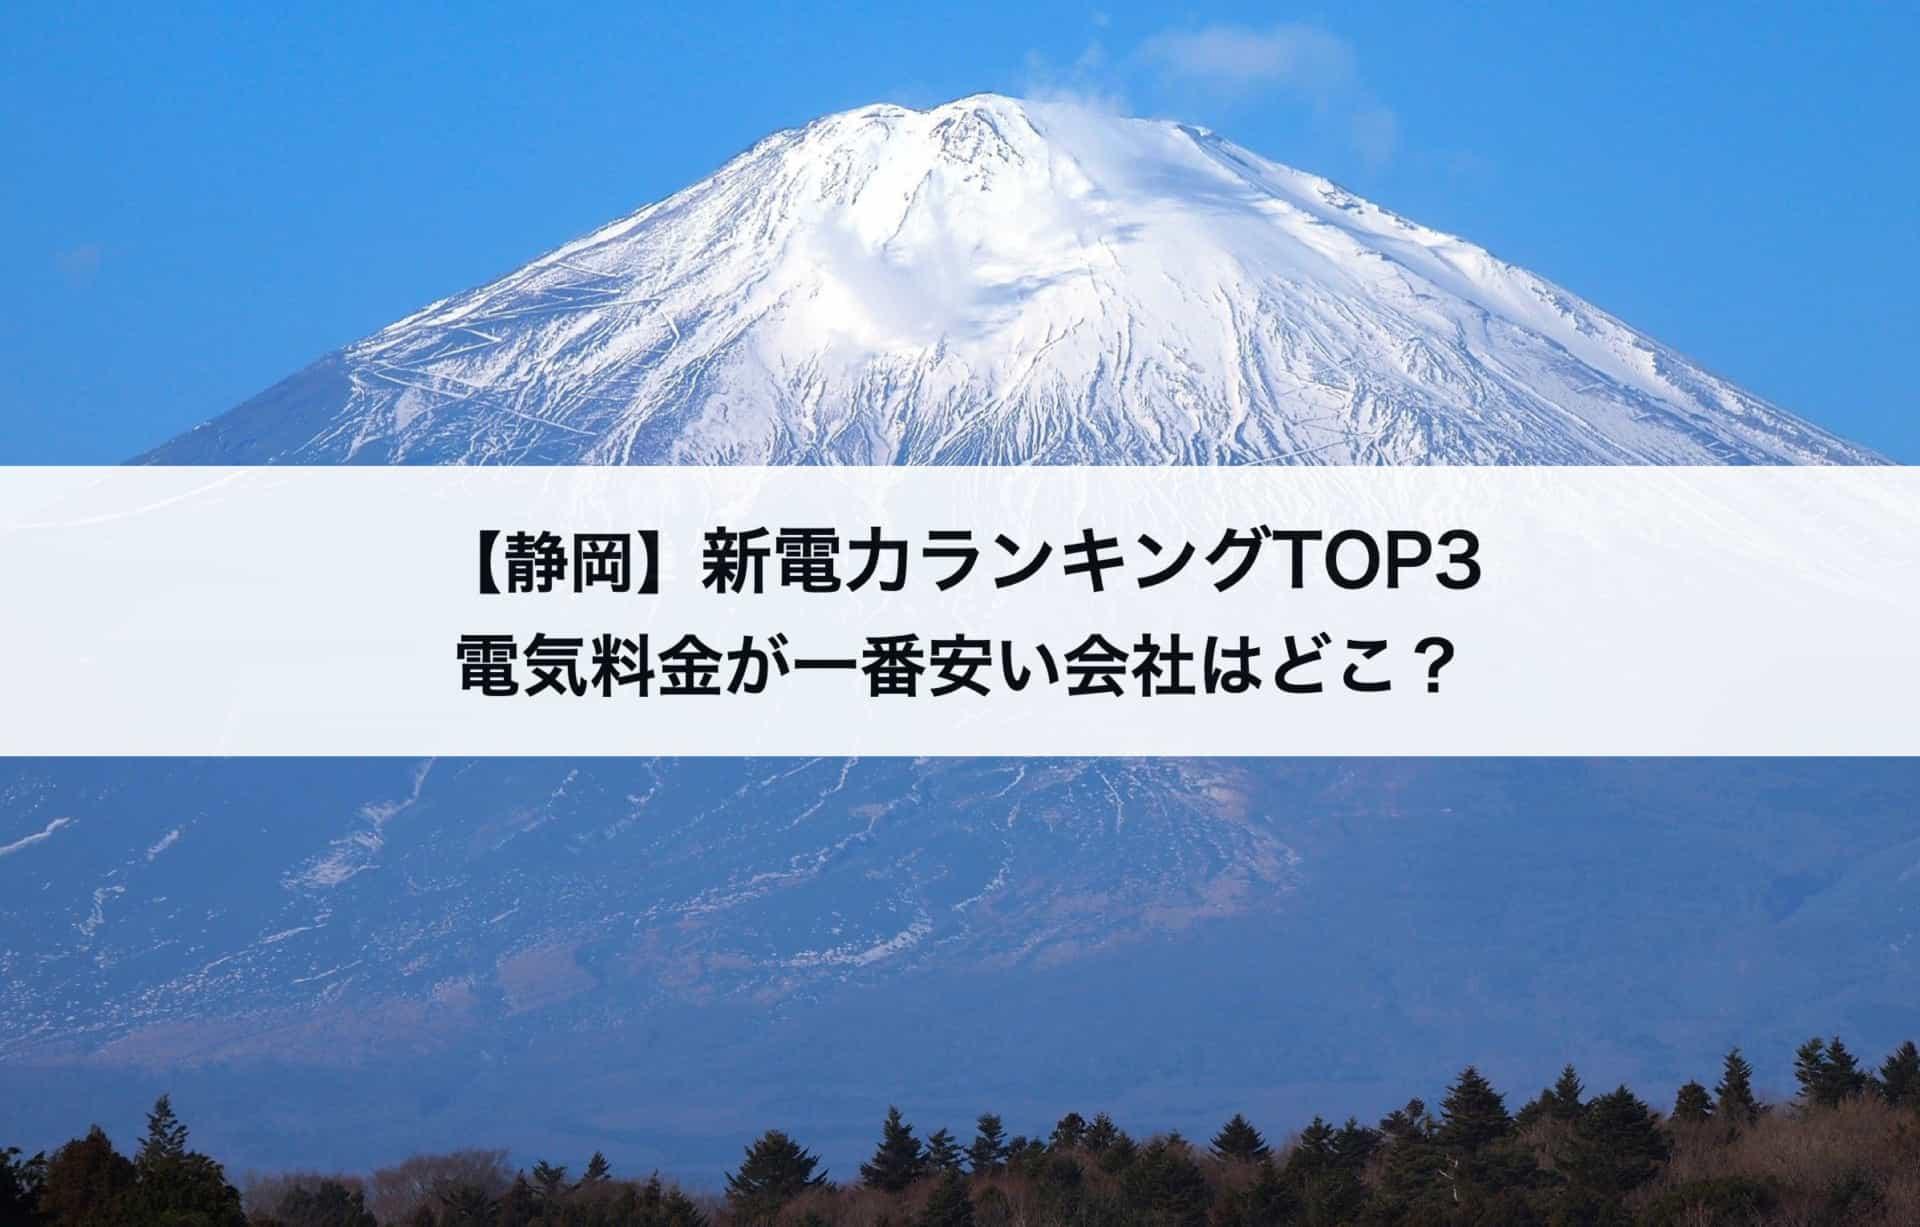 【静岡県】新電力会社おすすめランキングTOP3|電気料金が一番安い会社はどこ?